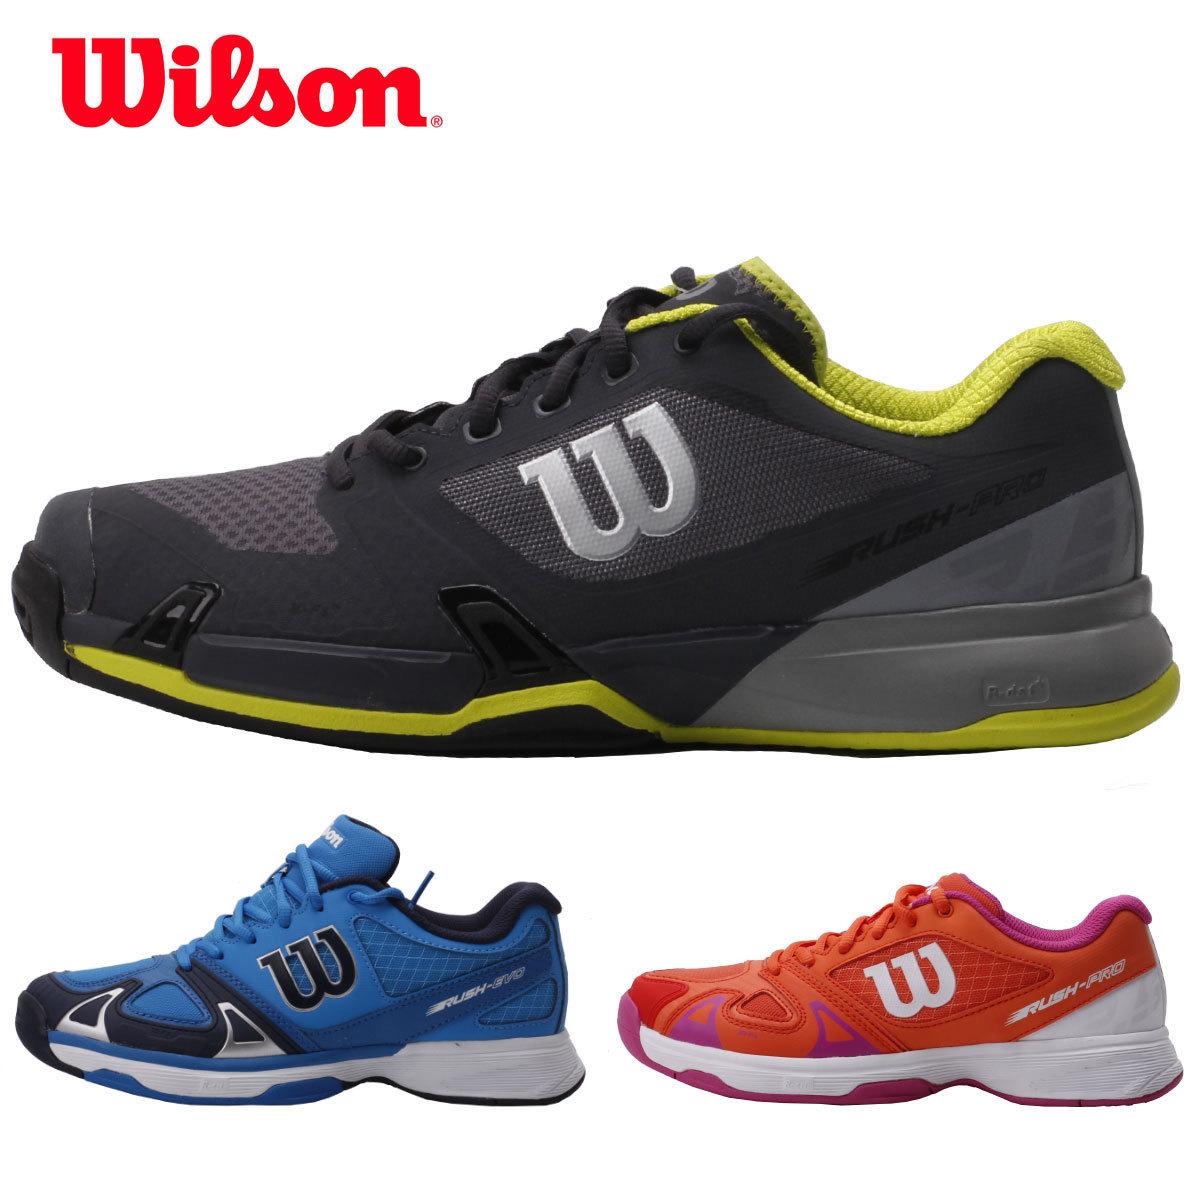 新品威爾勝WILSON正品男款女款耐磨透氣網球鞋運動鞋